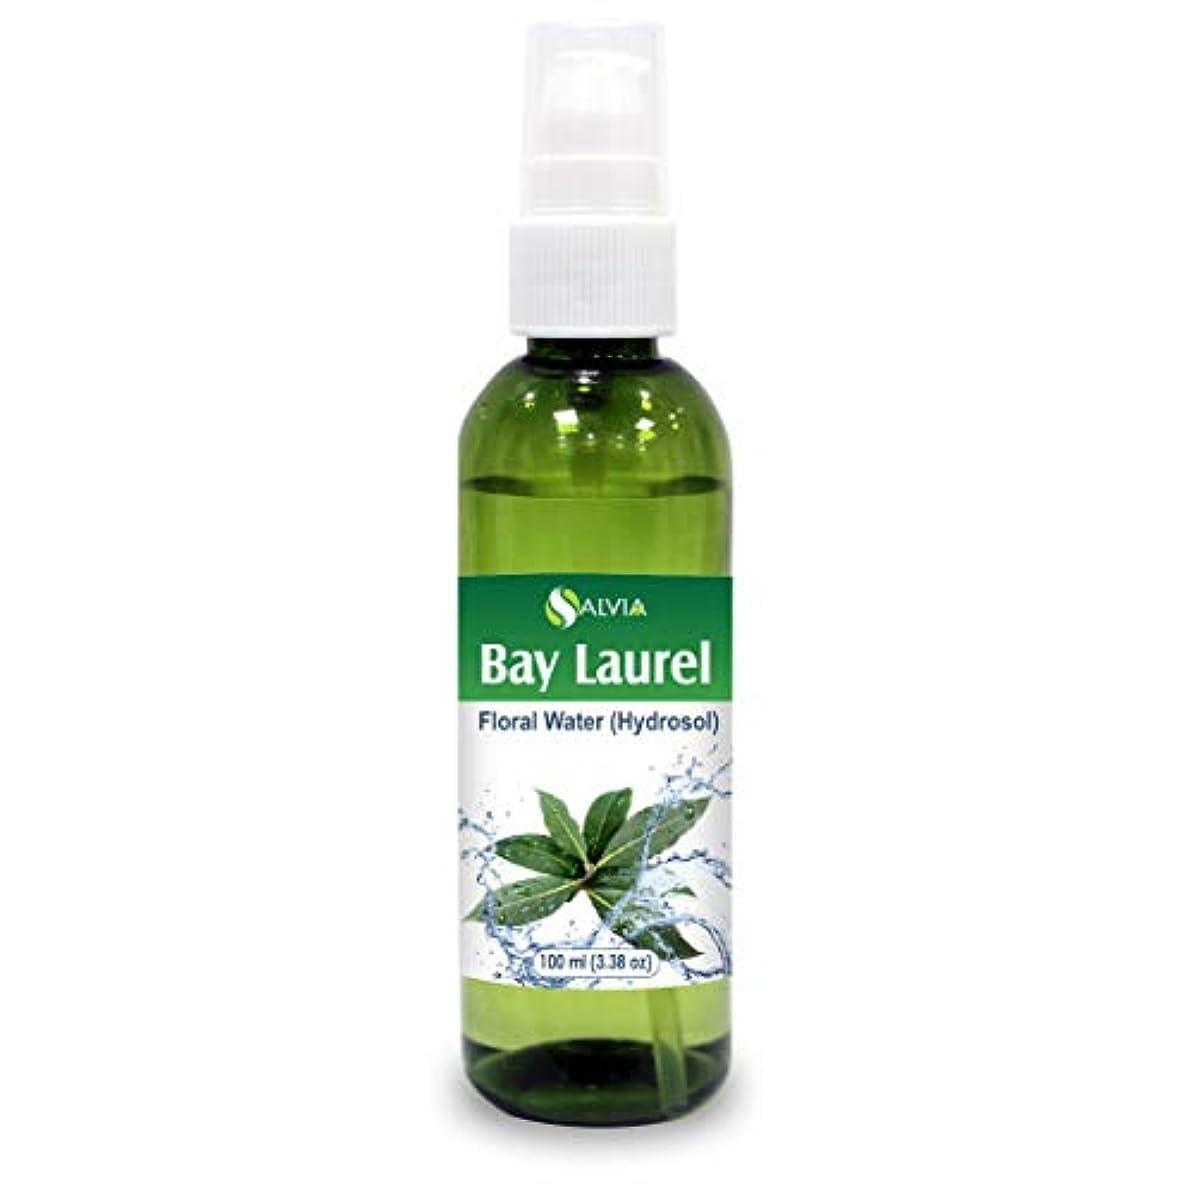 見かけ上ジムプラカードBay Laurel Floral Water 100ml (Hydrosol) 100% Pure And Natural